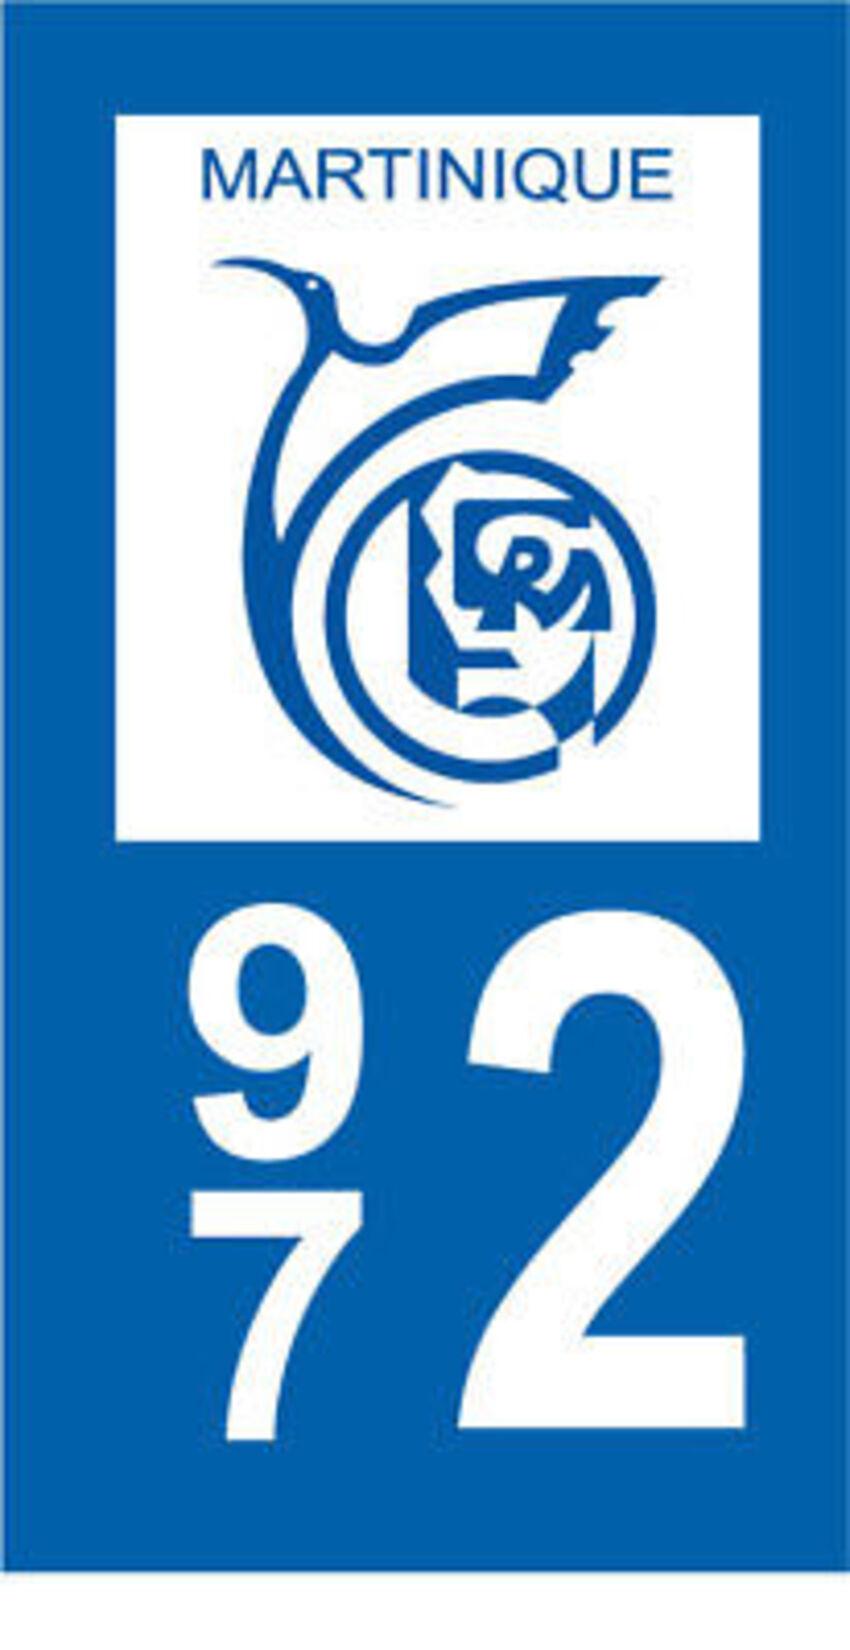 MUSÉE DU CAFÉ ET DU CACAO  1/2 TROIS ÎLETS  972    R D 03/02/2020  D  25/04/2013